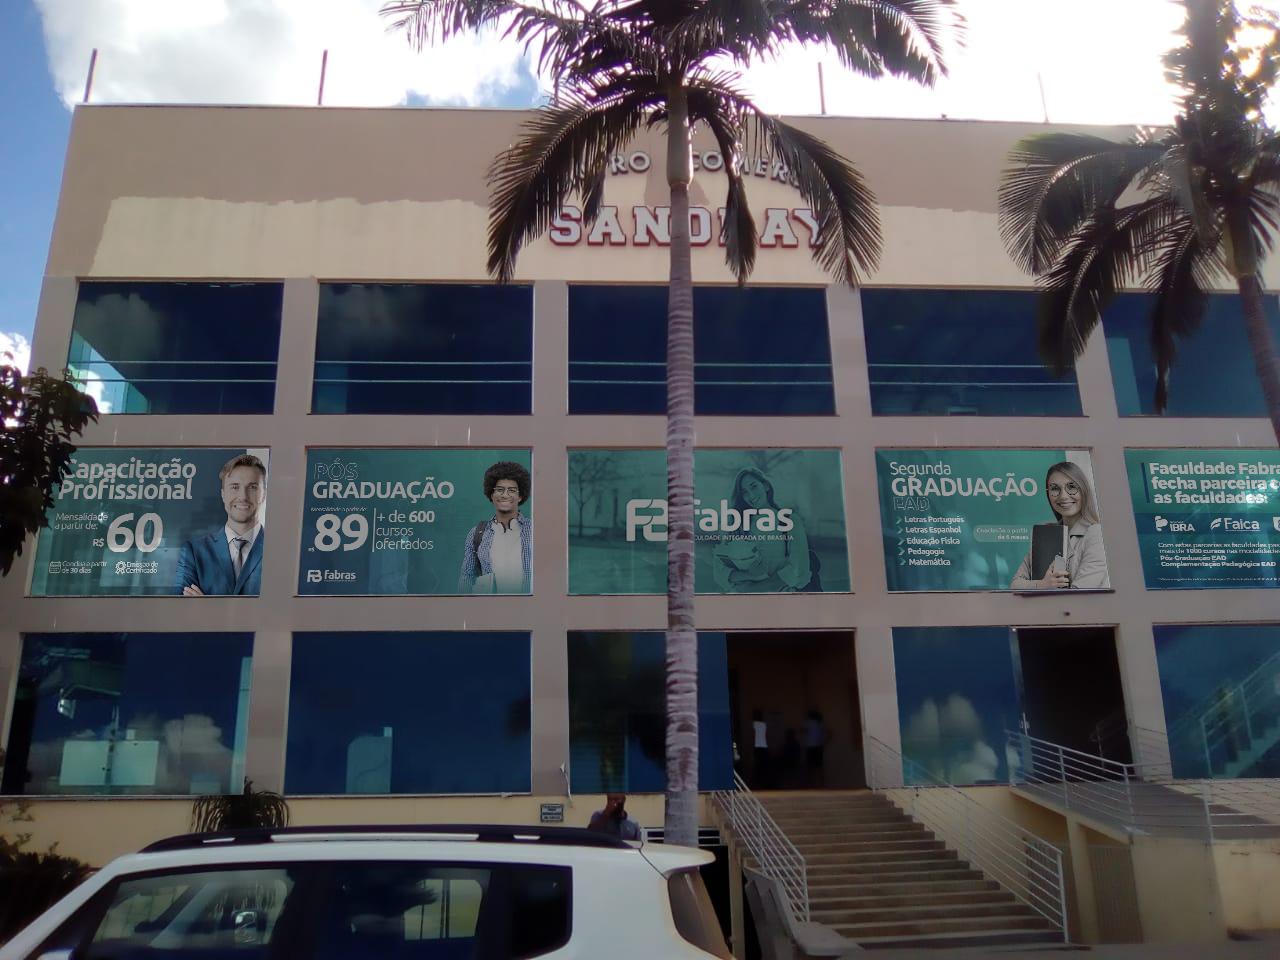 FABRAS Faculdade